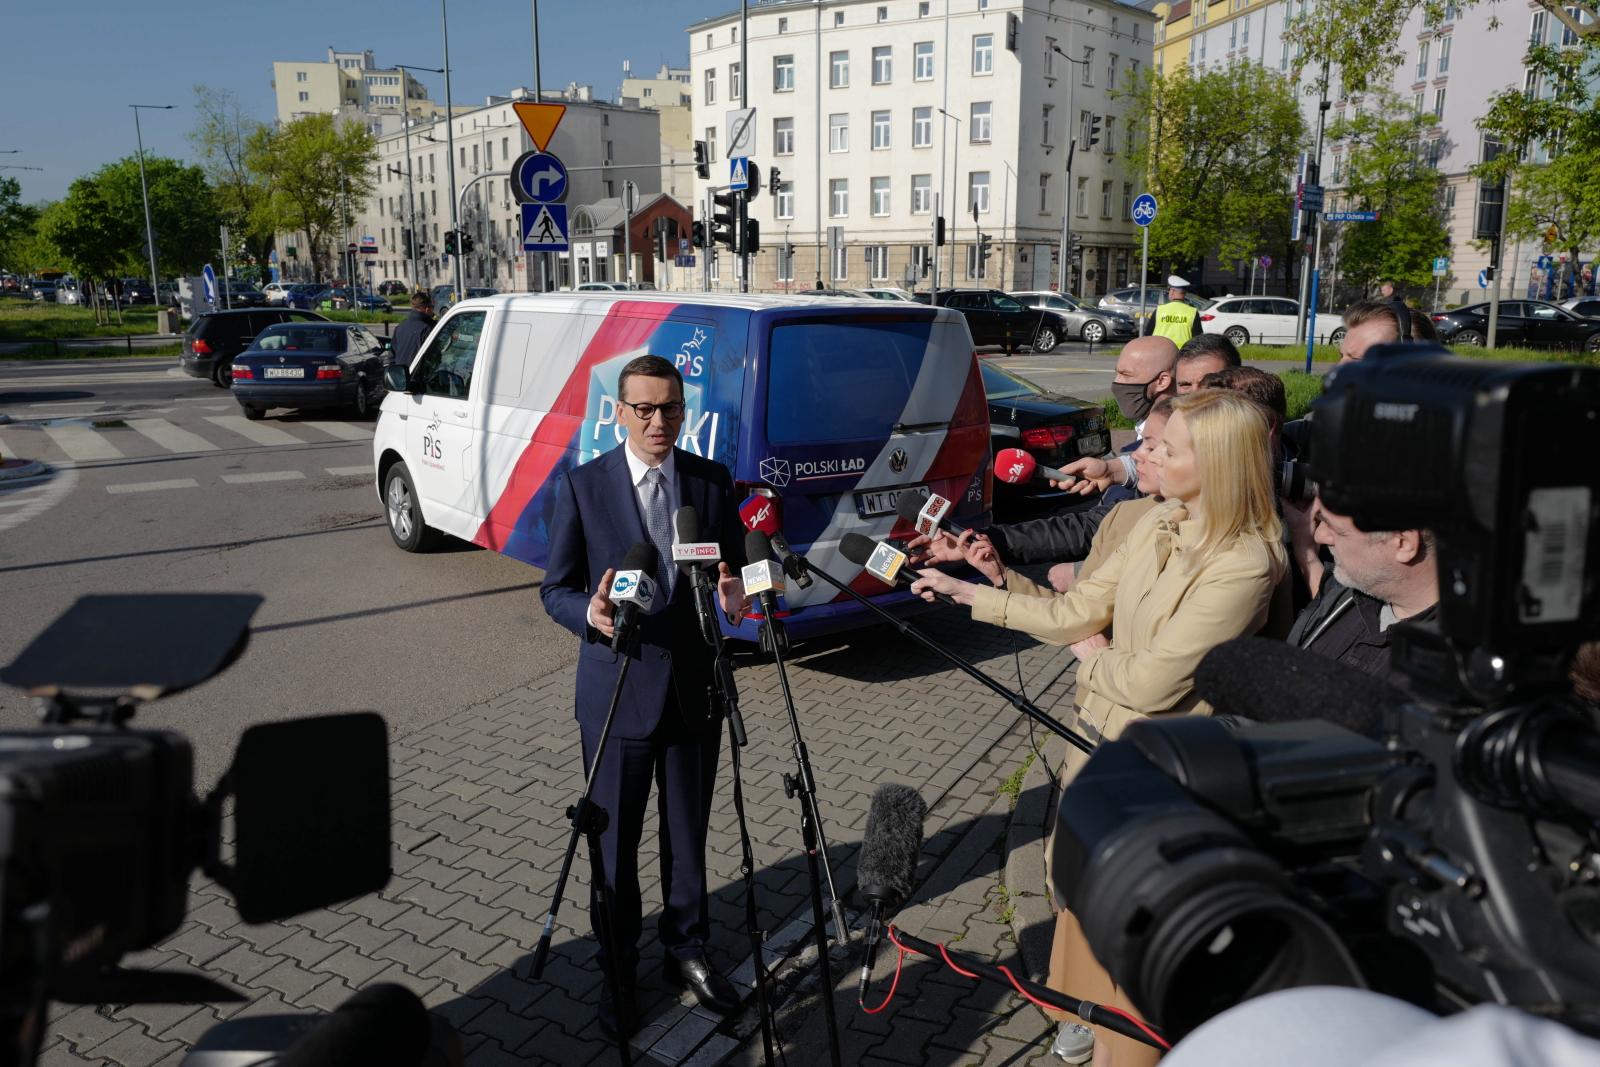 Morawiecki rusza w trasę po Polsce, by promować Polski Ład